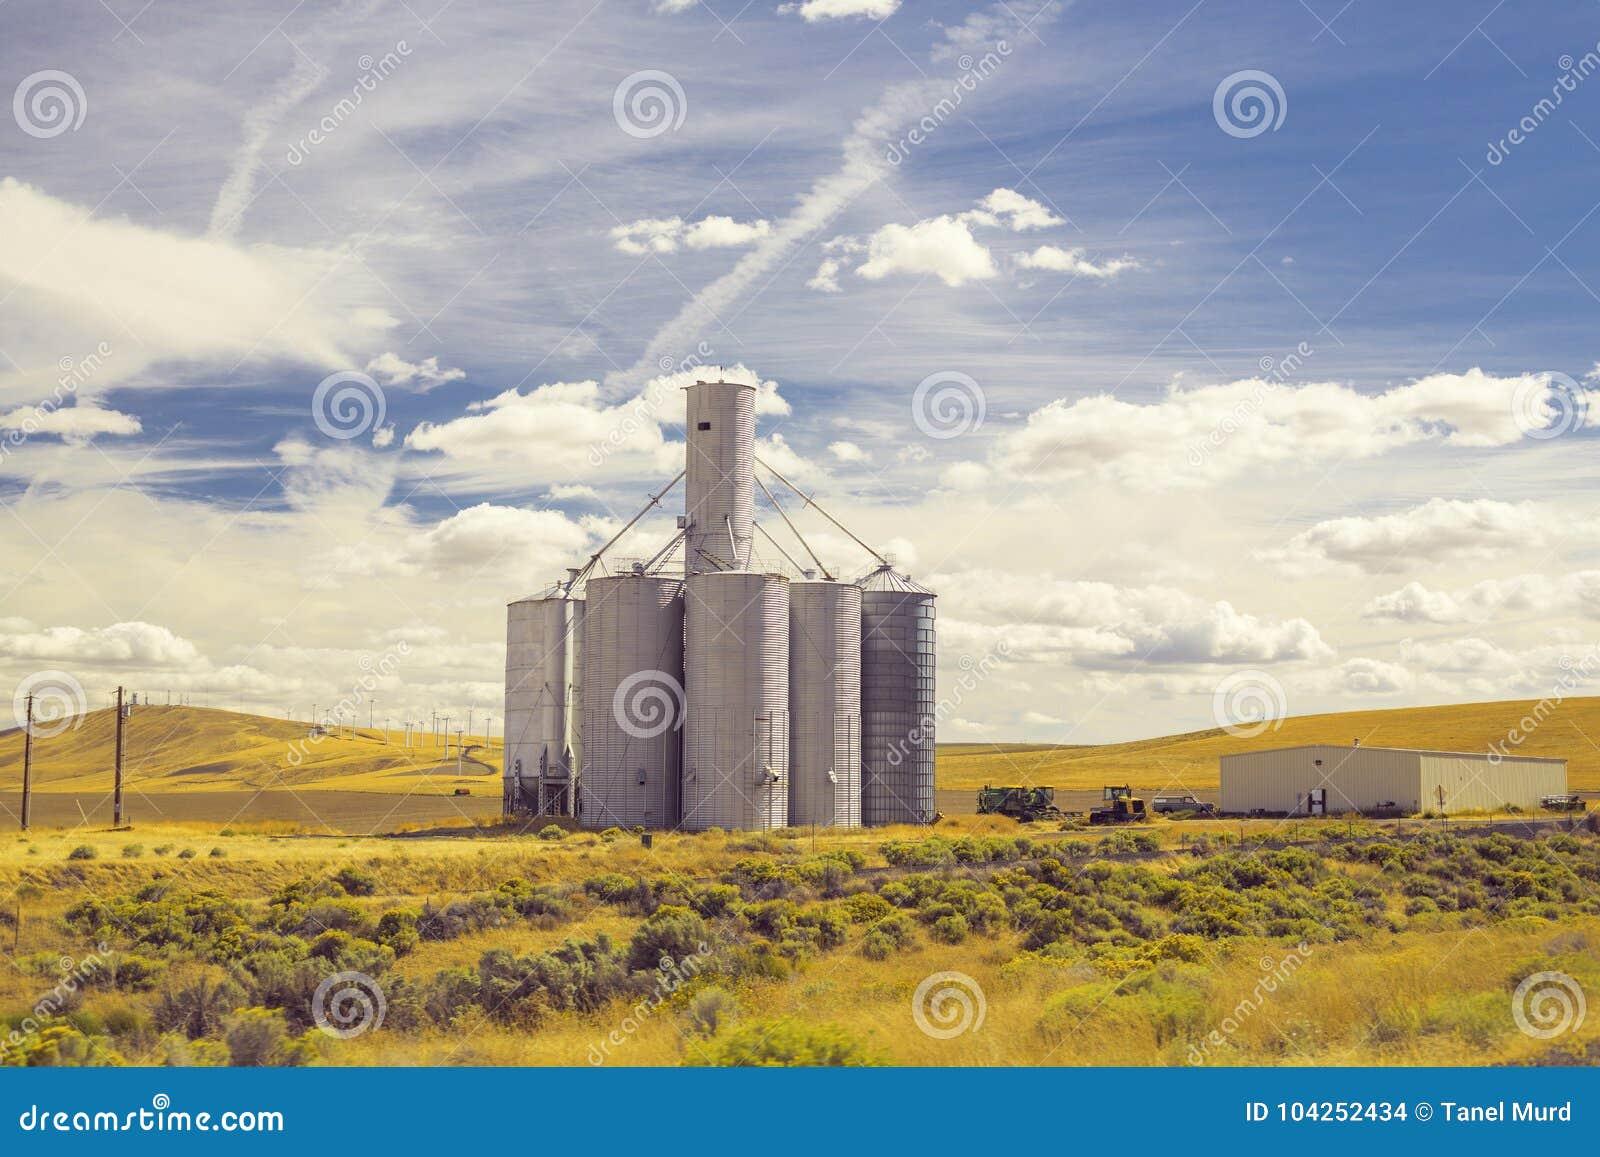 美好的麦田风景和一个大筒仓滚磨塔